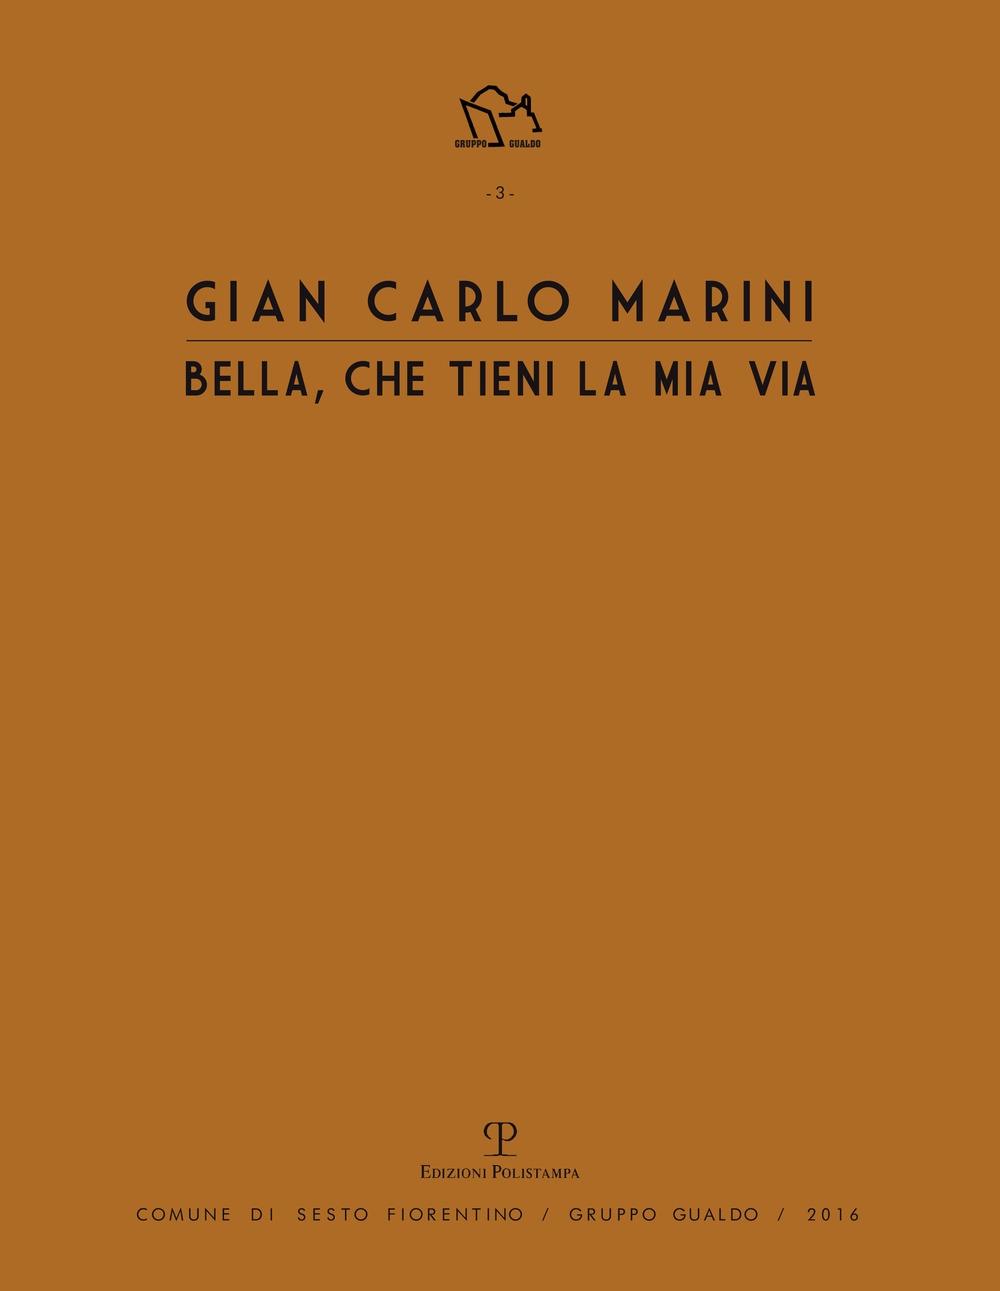 Gian Carlo Marini. Bella, che tieni la mia vita